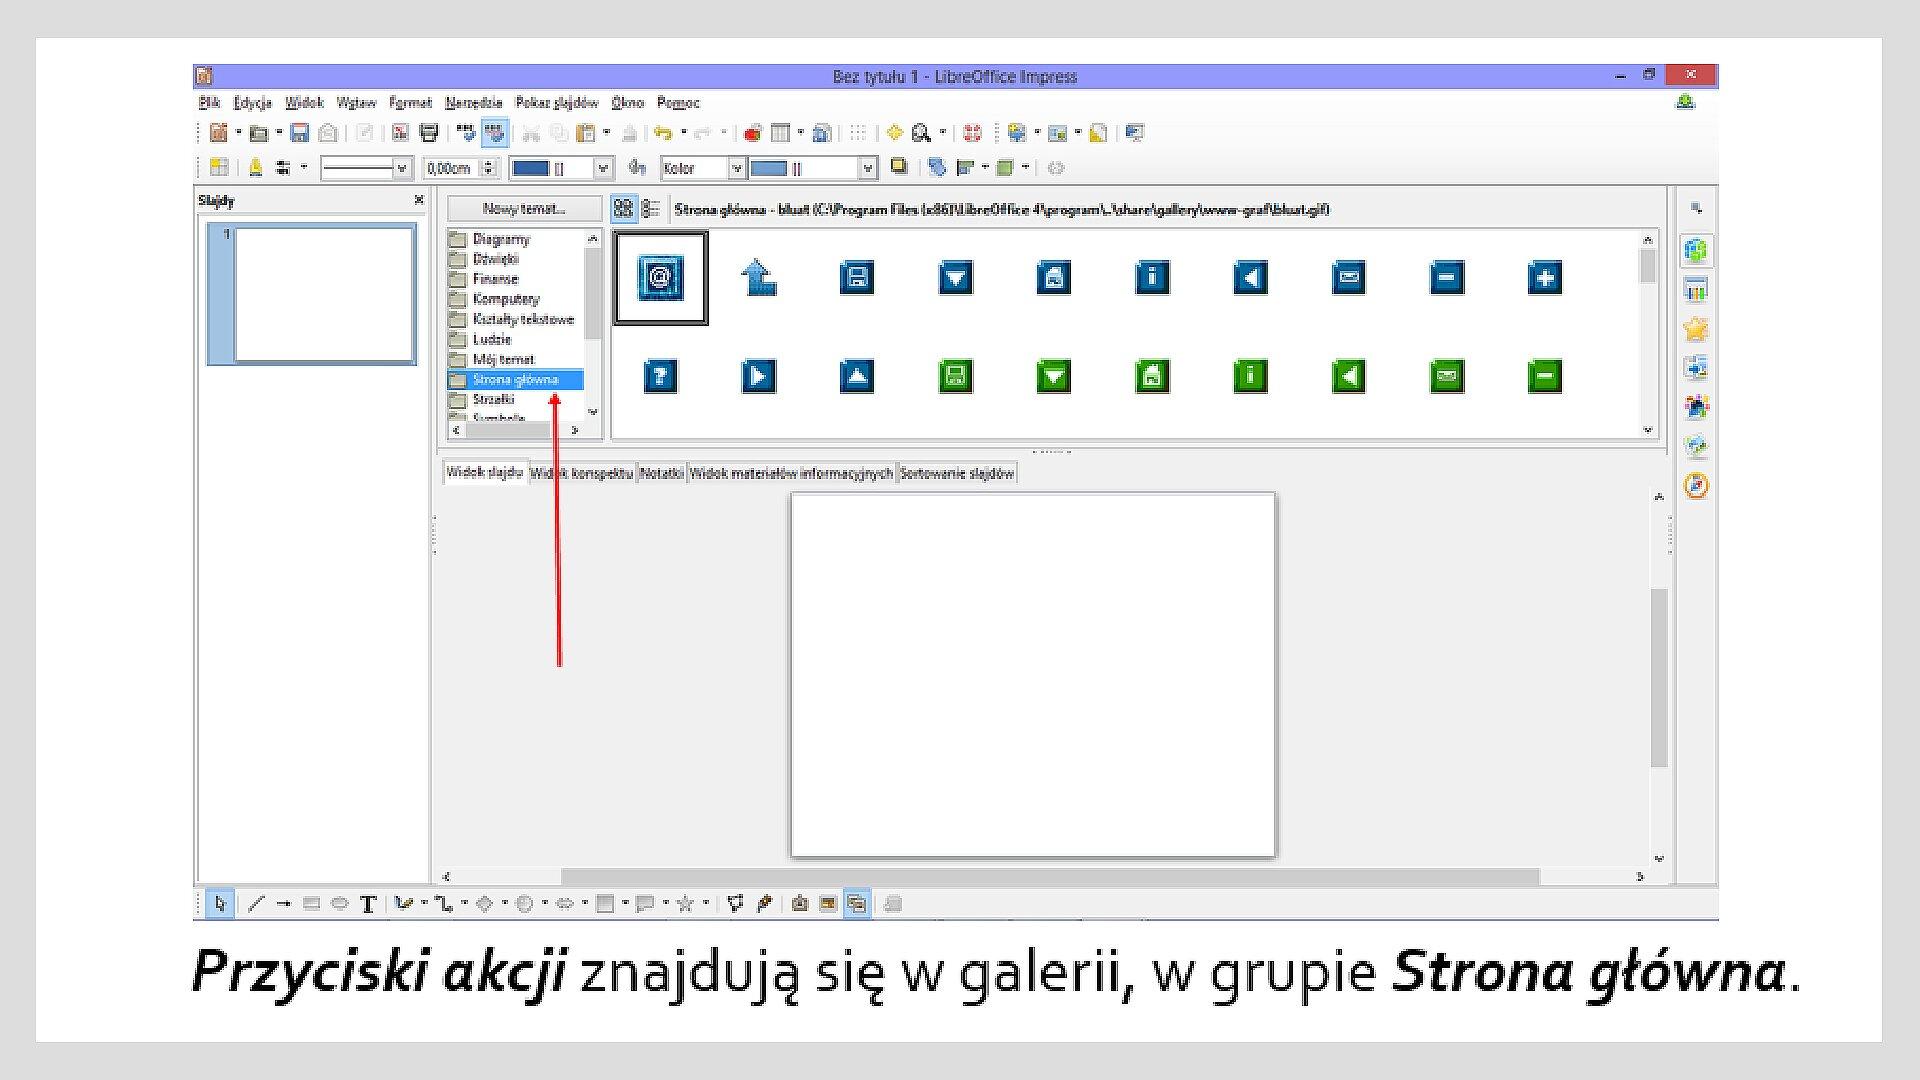 Zrzut okna programu LibreOffice Impress zgalerią przycisków akcji